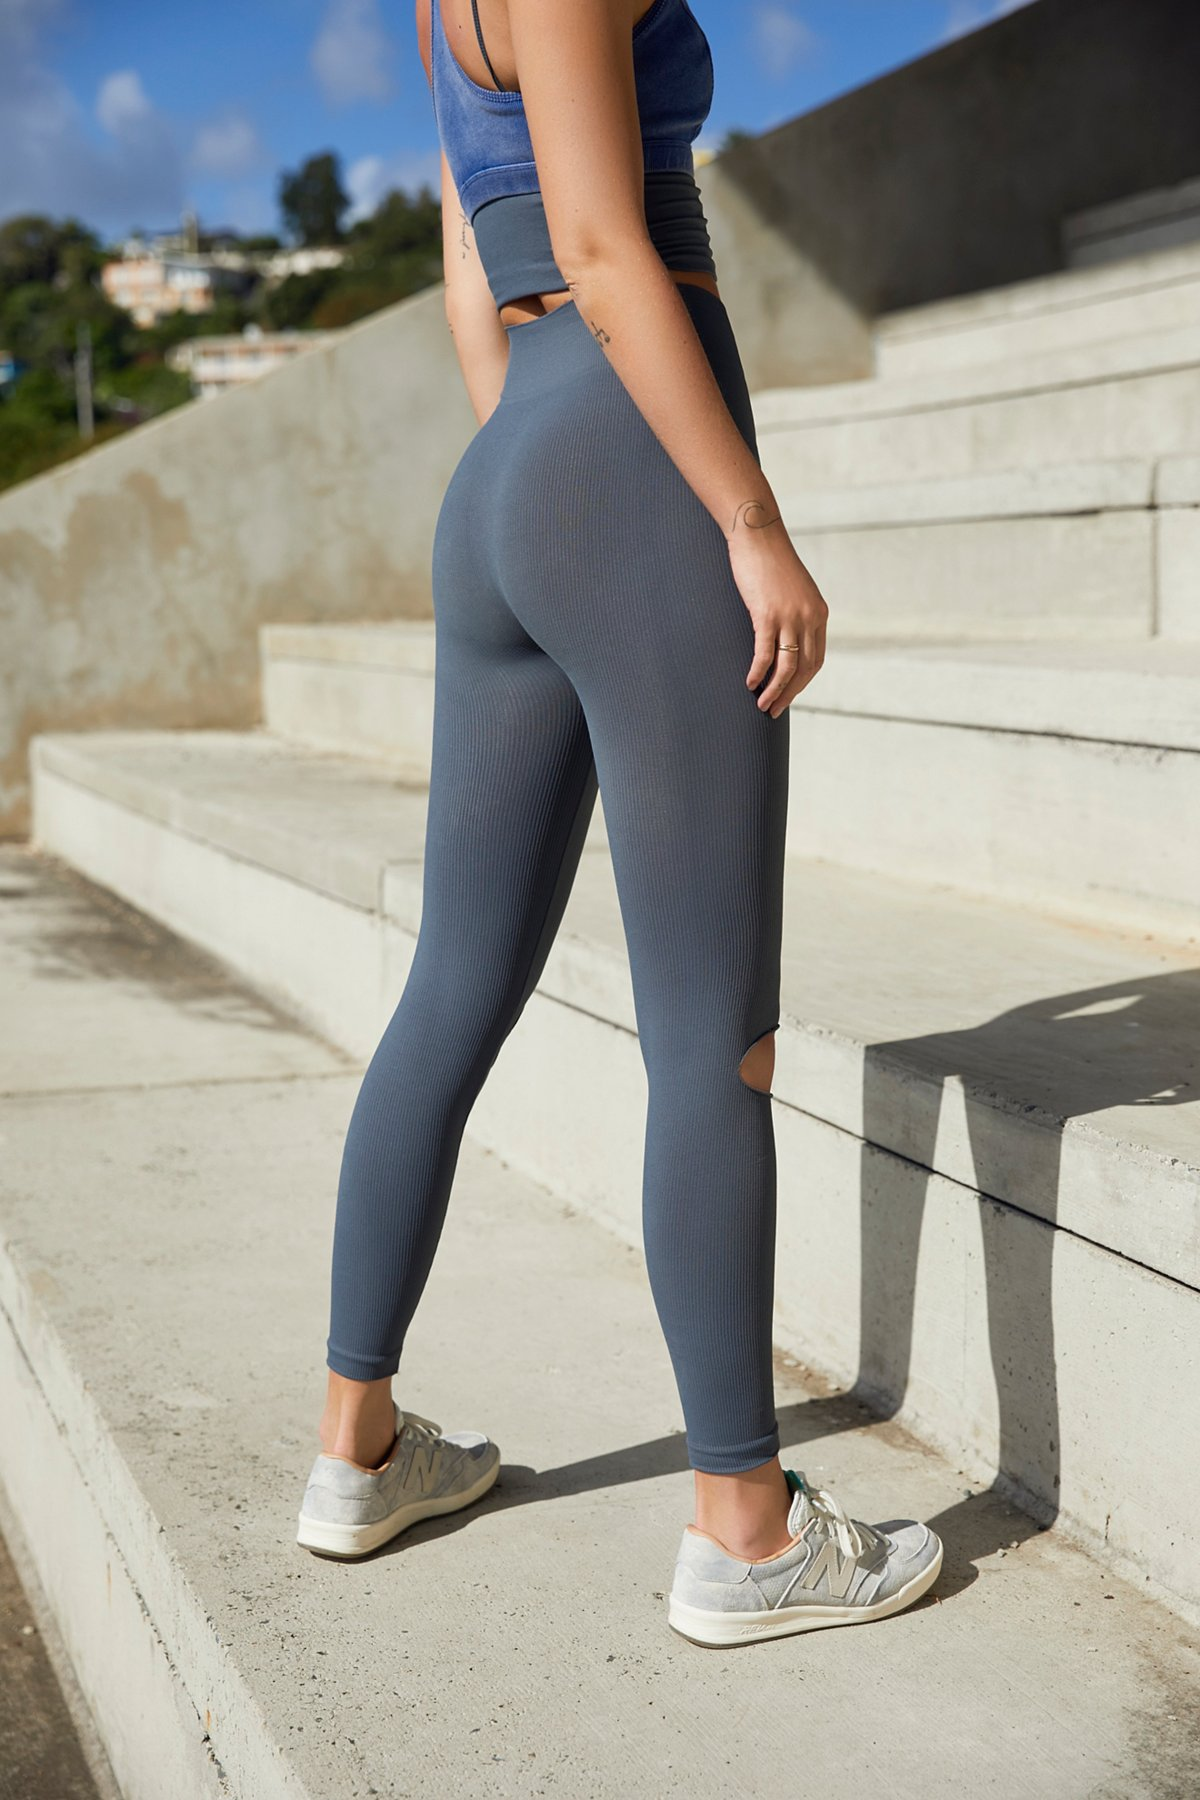 New Free People Fp Movement Activewear Slit Knee Seamless Yoga Leggings $78